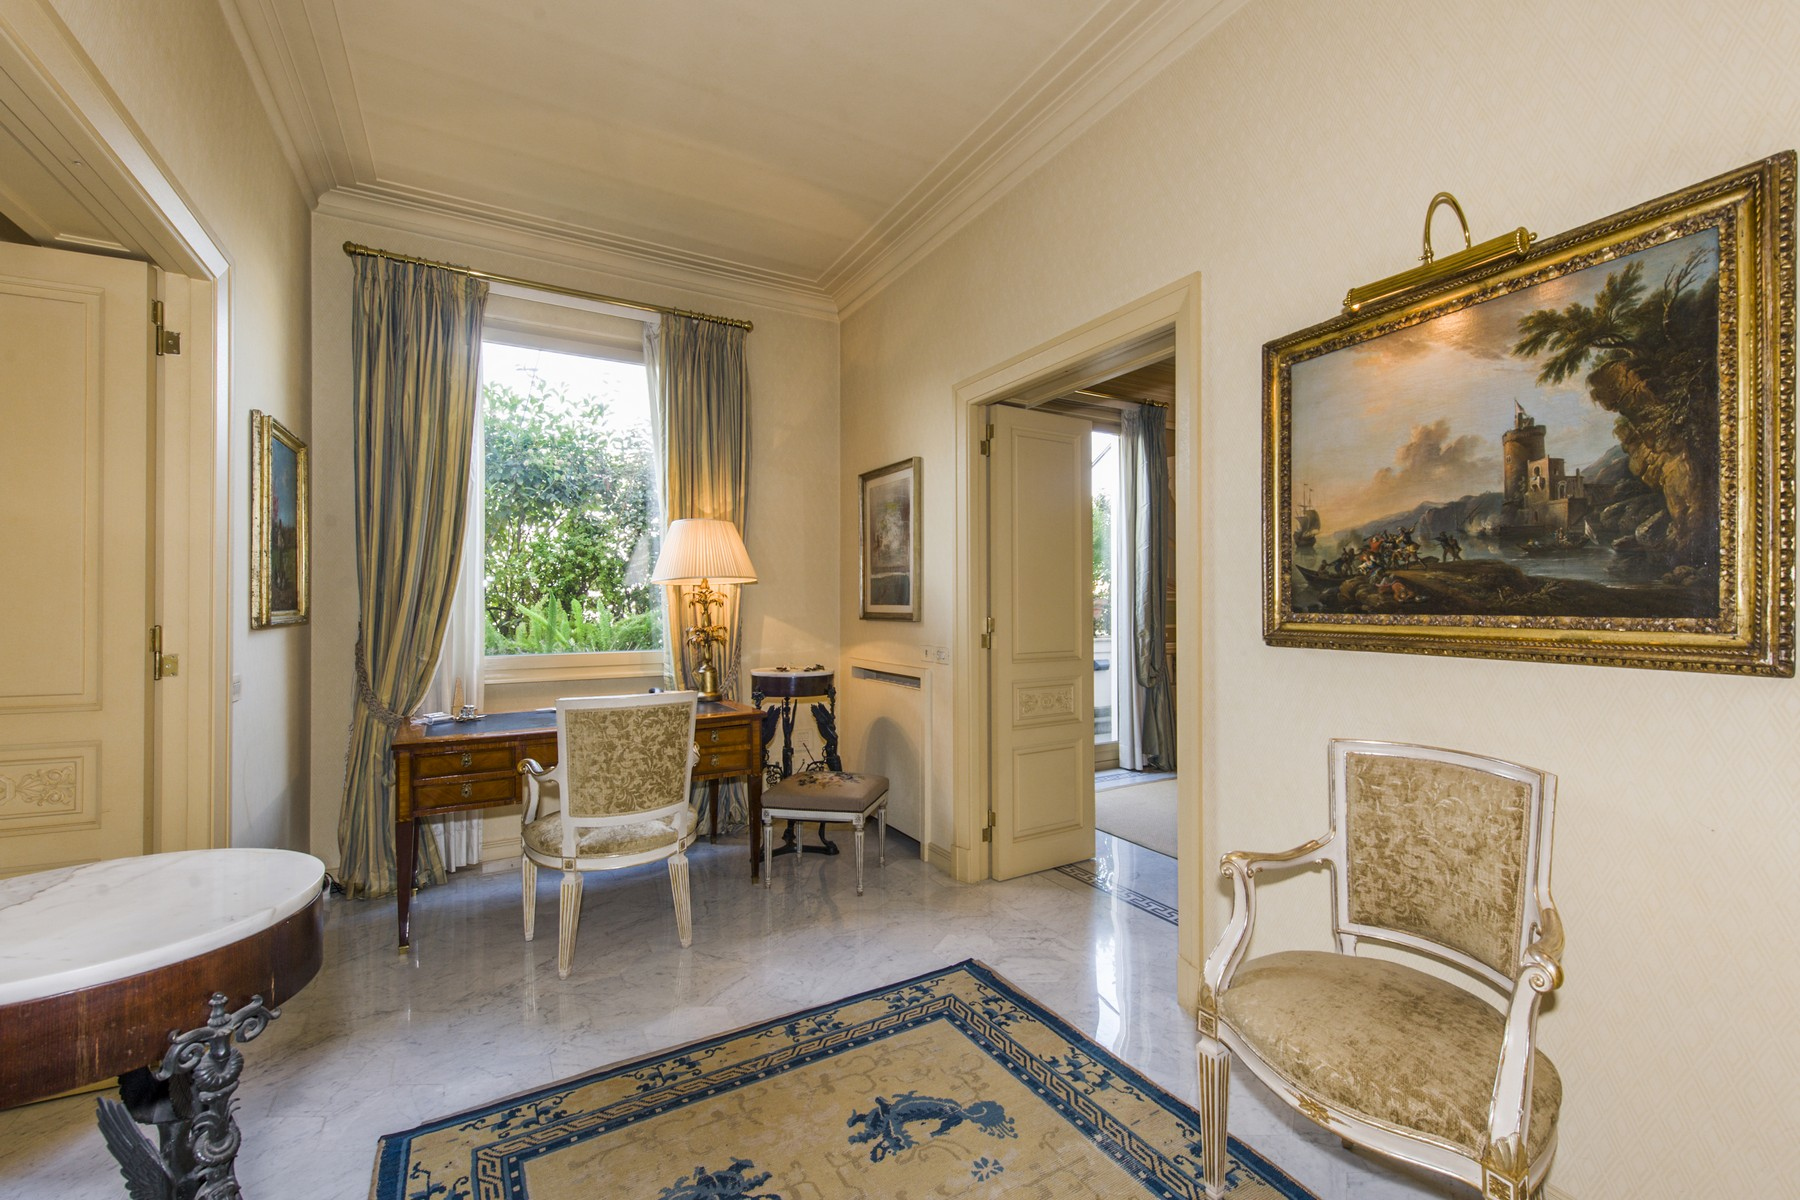 Appartamento di lusso in vendita a roma via barberini for Appartamento ufficio roma